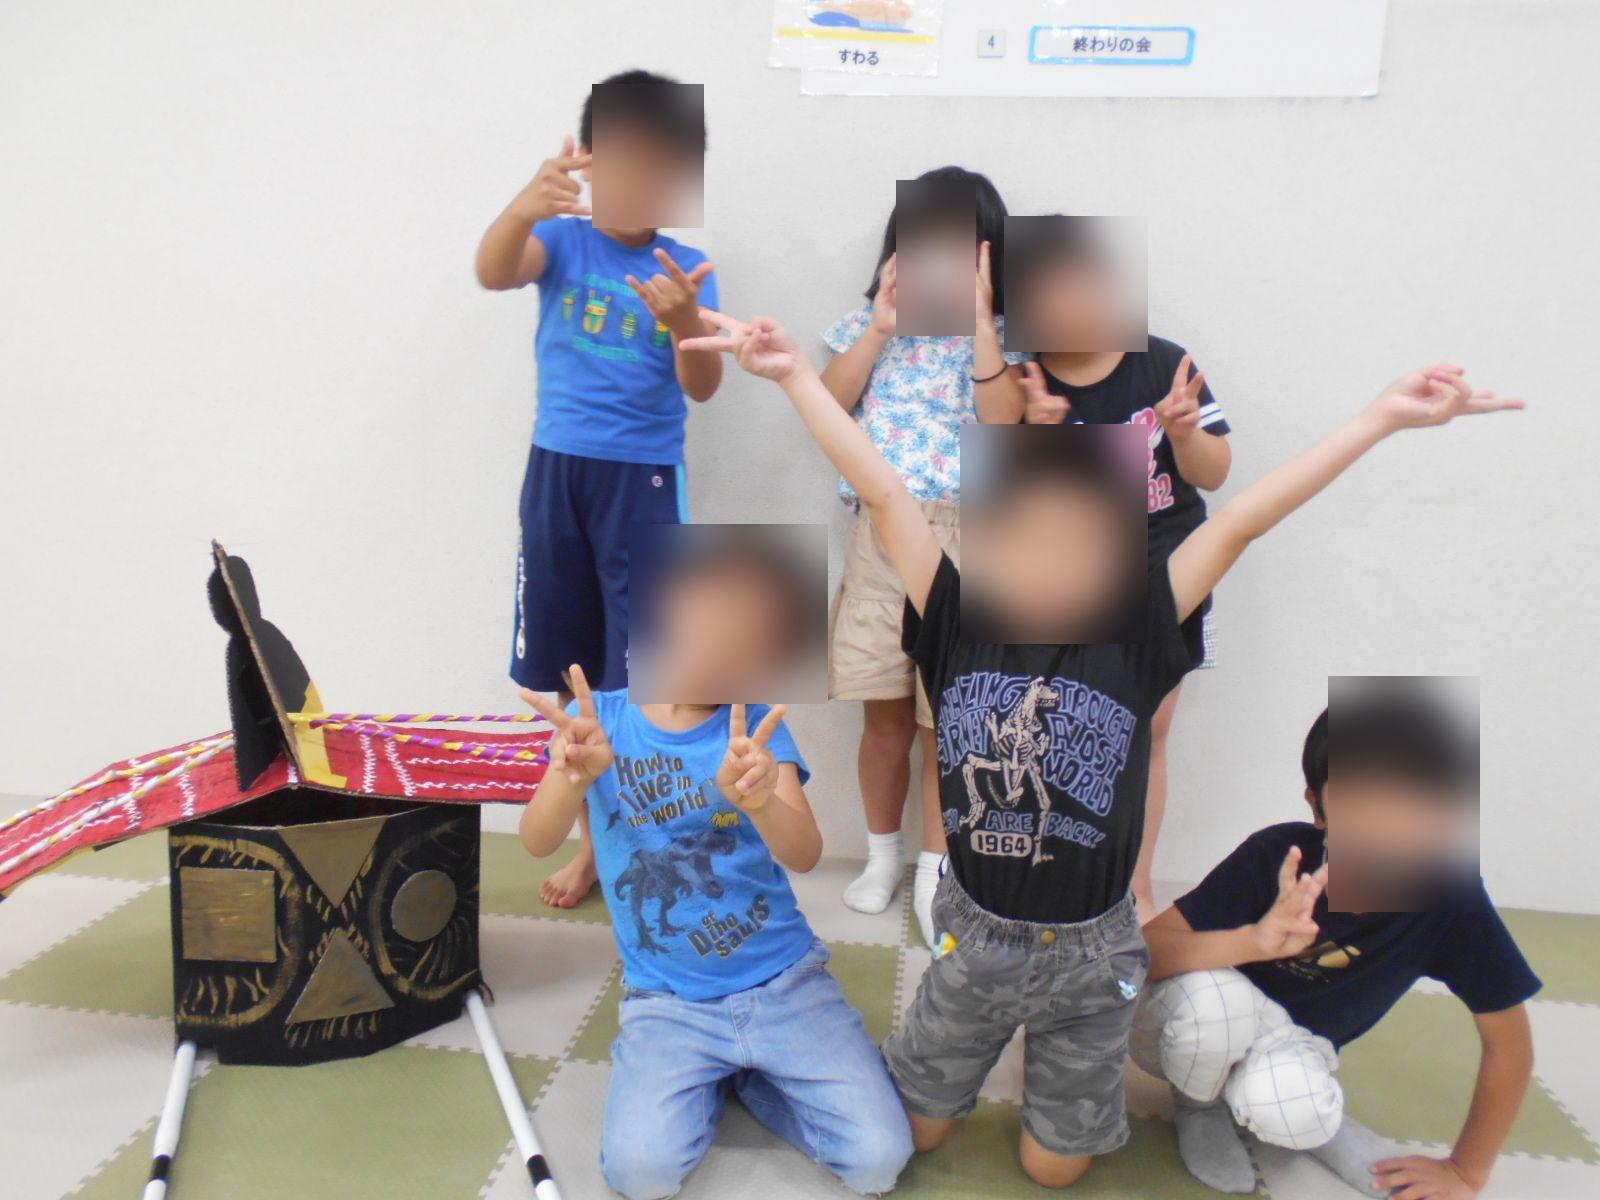 イベントプログラム「笑みりぃ~運動会🚩」